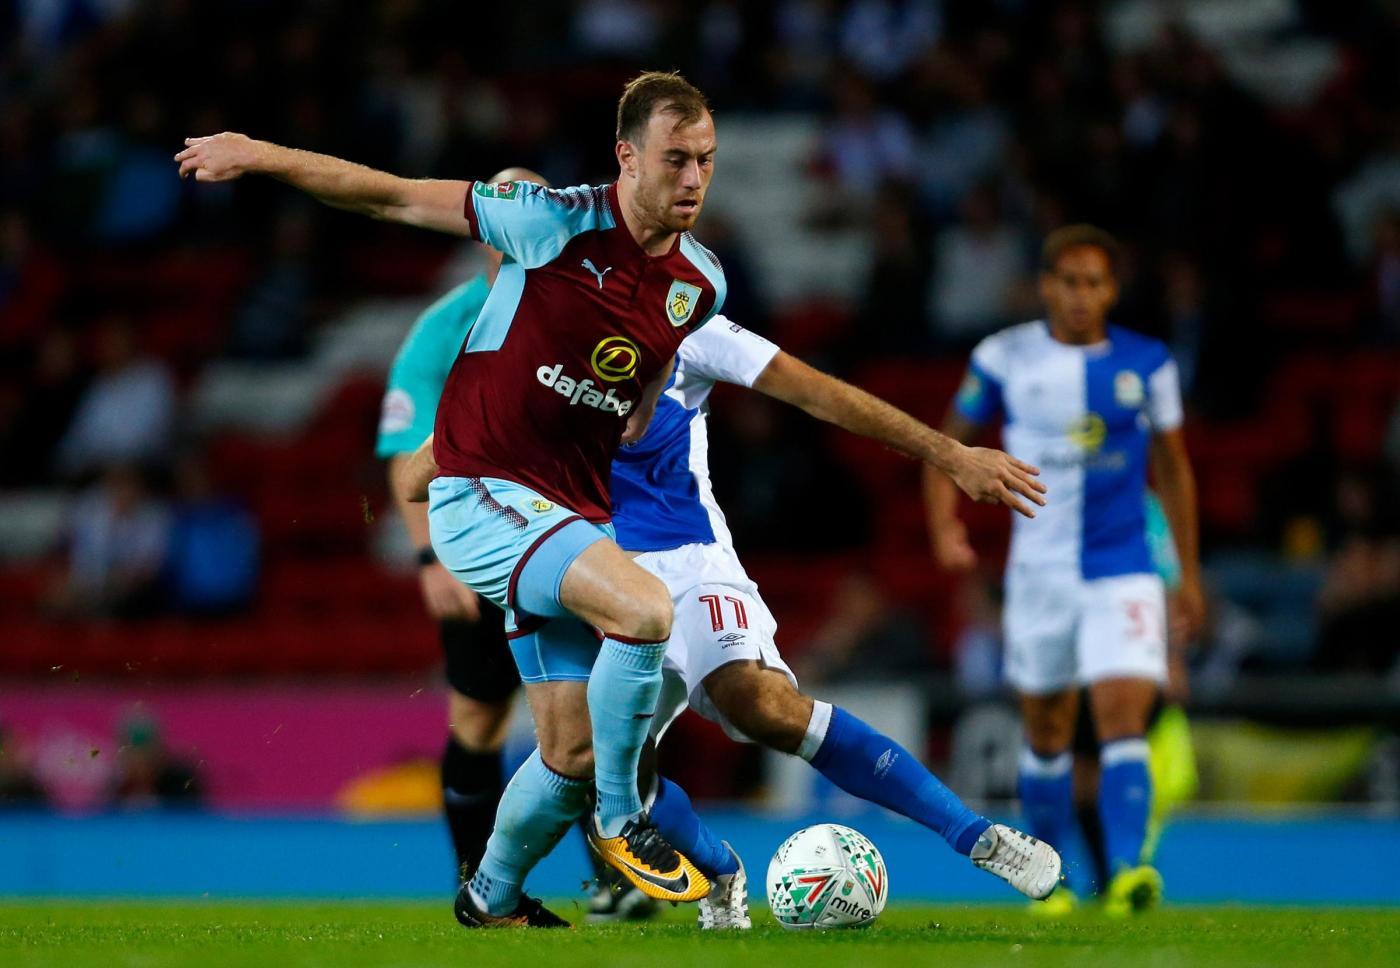 Huddersfield-Burnley 30 dicembre, analisi e pronostico Premier League giornata 21